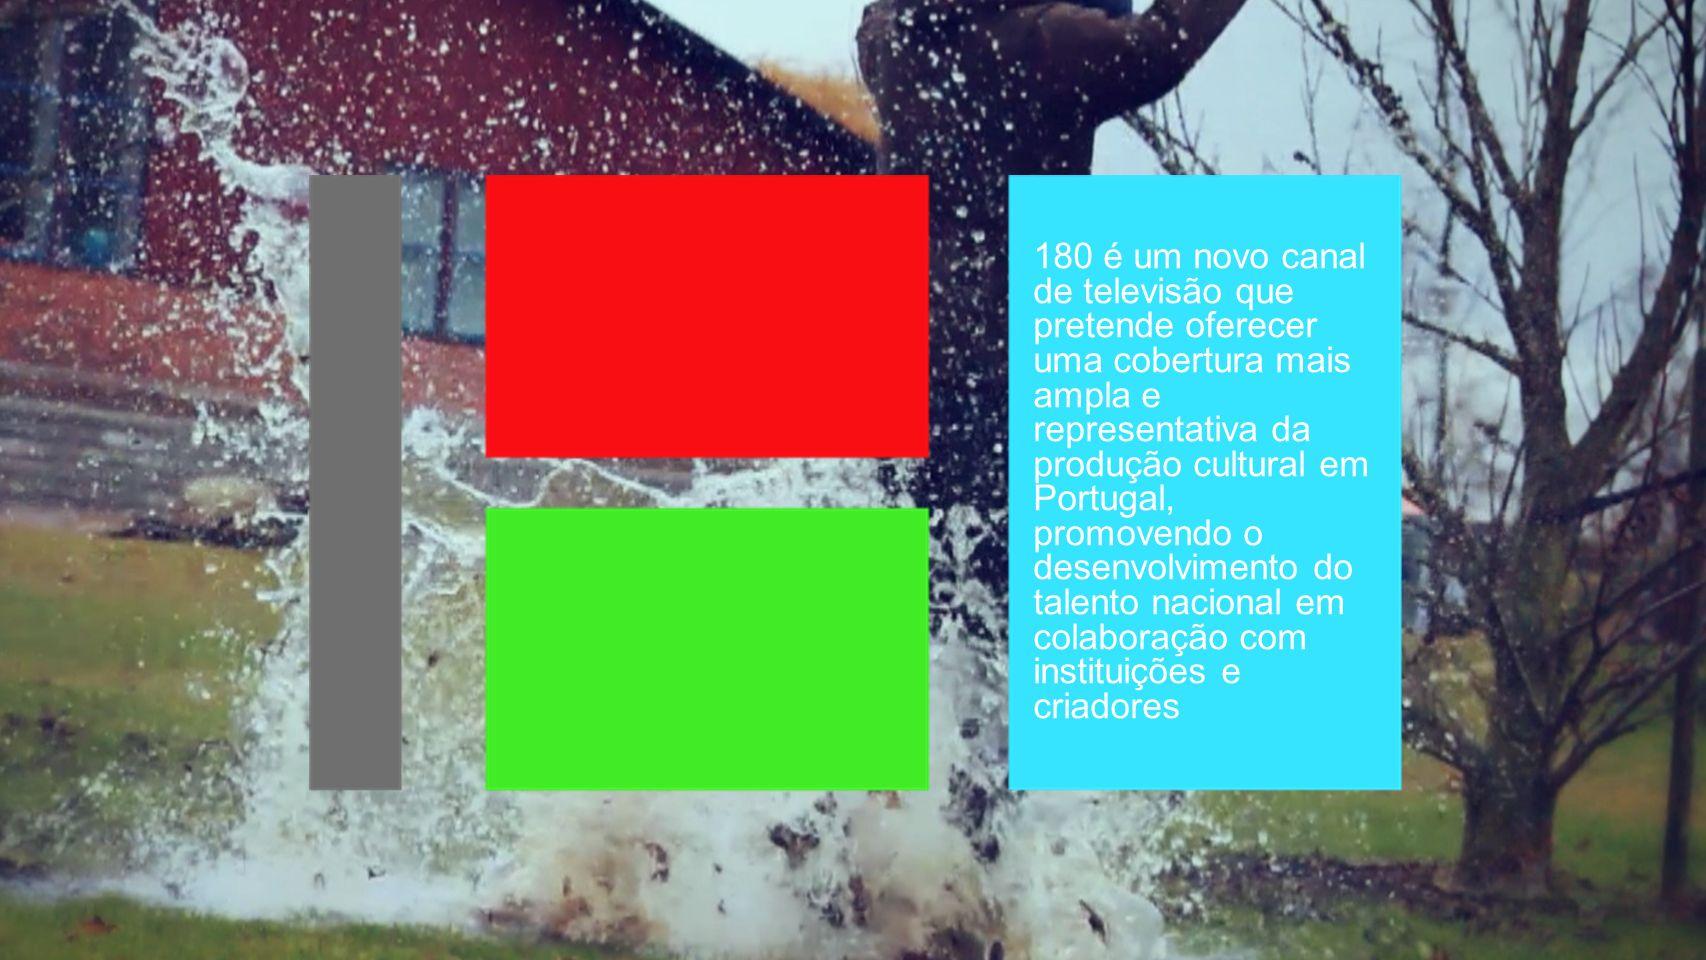 180 é um novo canal de televisão que pretende oferecer uma cobertura mais ampla e representativa da produção cultural em Portugal, promovendo o desenvolvimento do talento nacional em colaboração com instituições e criadores